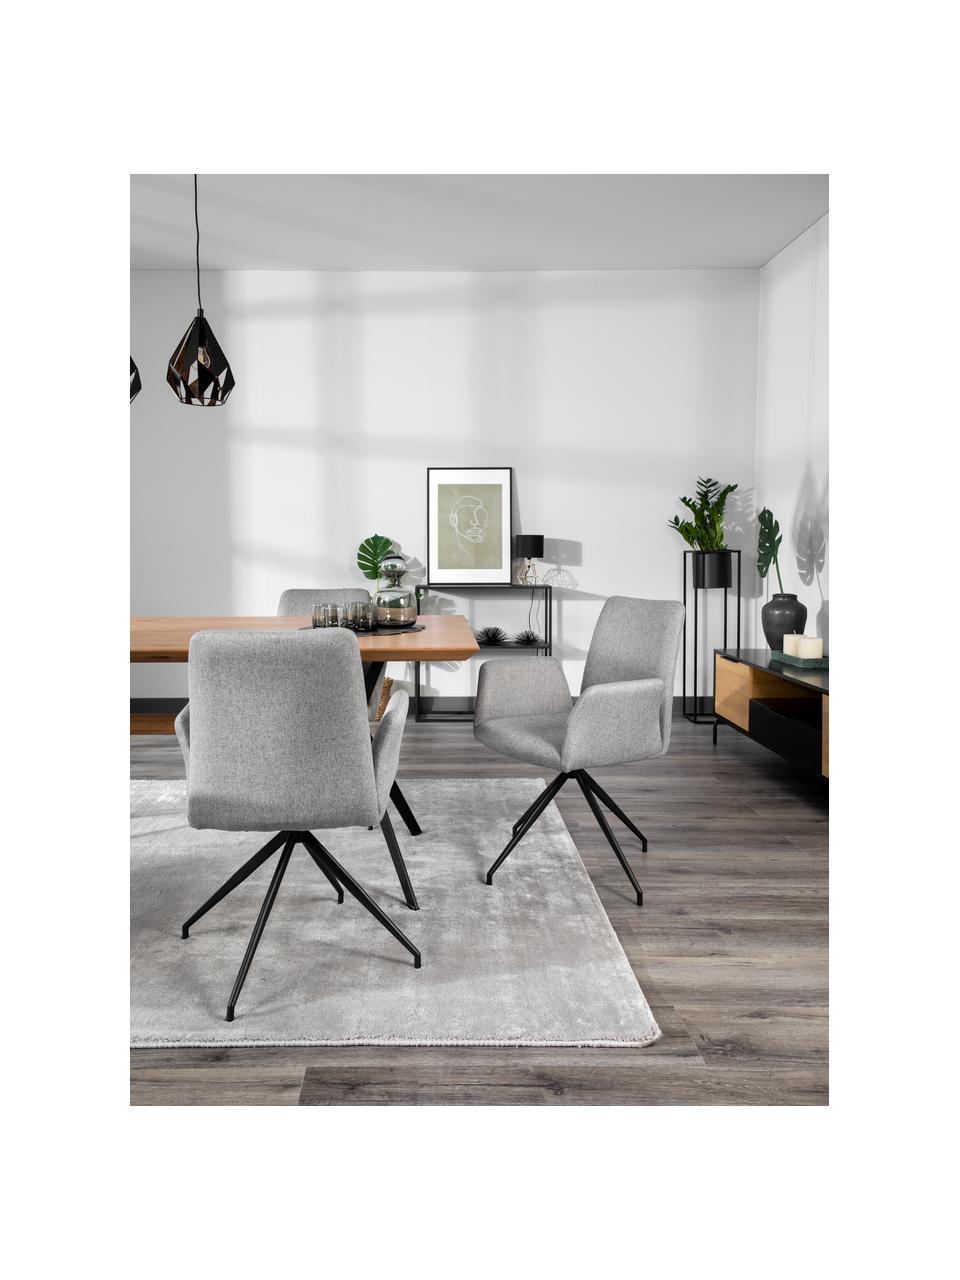 Obrotowe krzesło tapicerowane Naya, Tapicerka: poliester Dzięki tkaninie, Stelaż: metal malowany proszkowo, Jasny szary, S 59 x G 59 cm